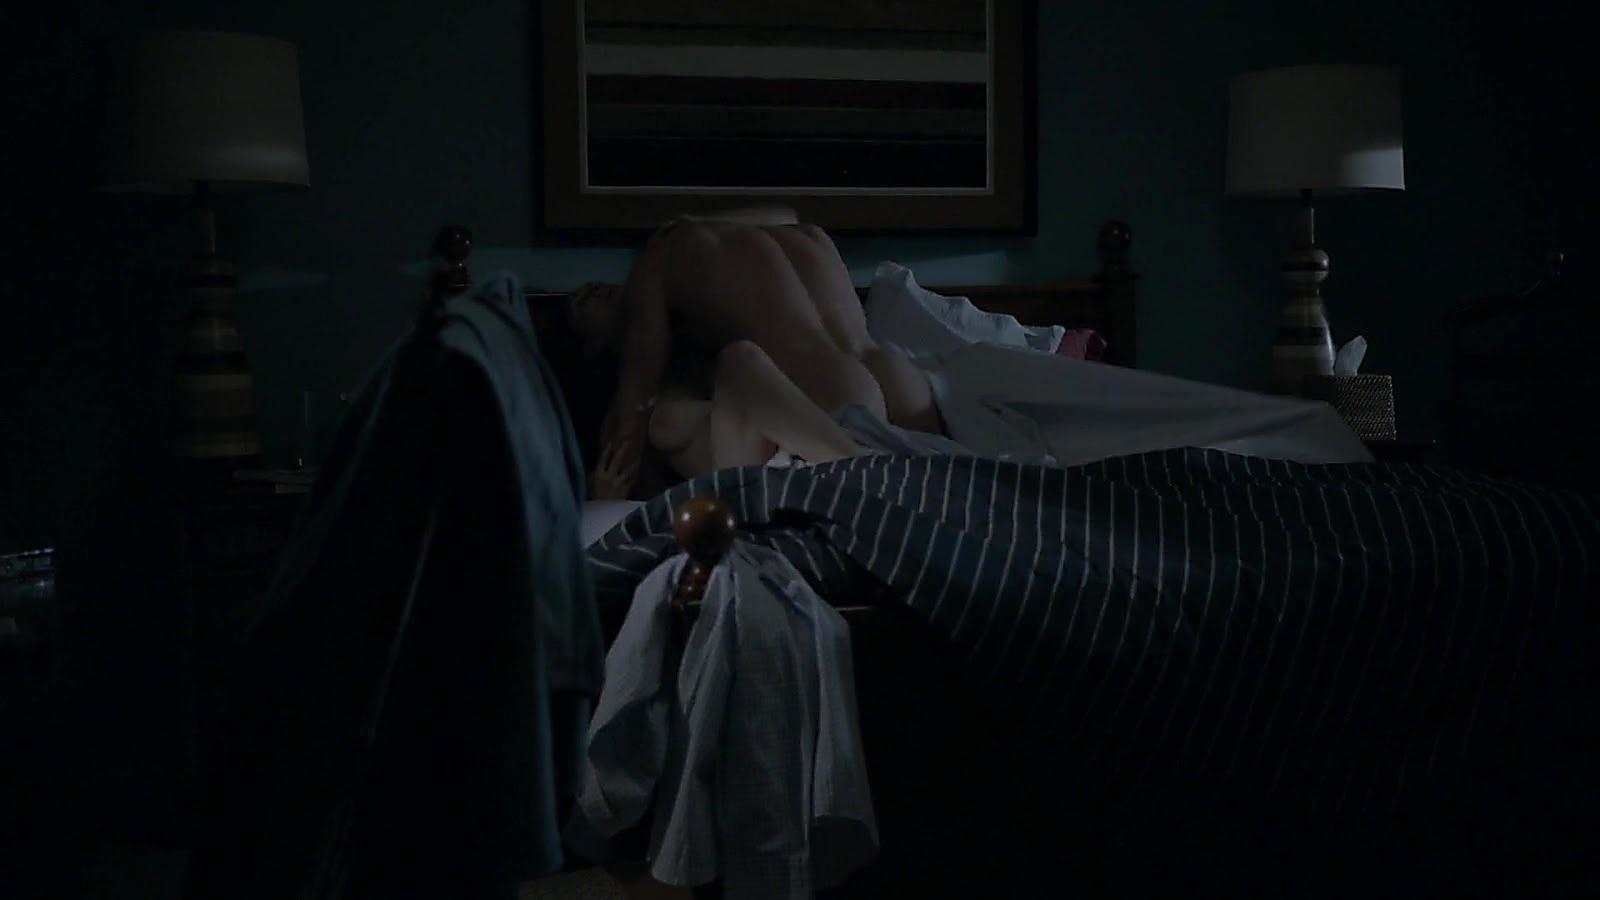 Jake Mcdorman sexy shirtless scene April 13, 2020, 12pm